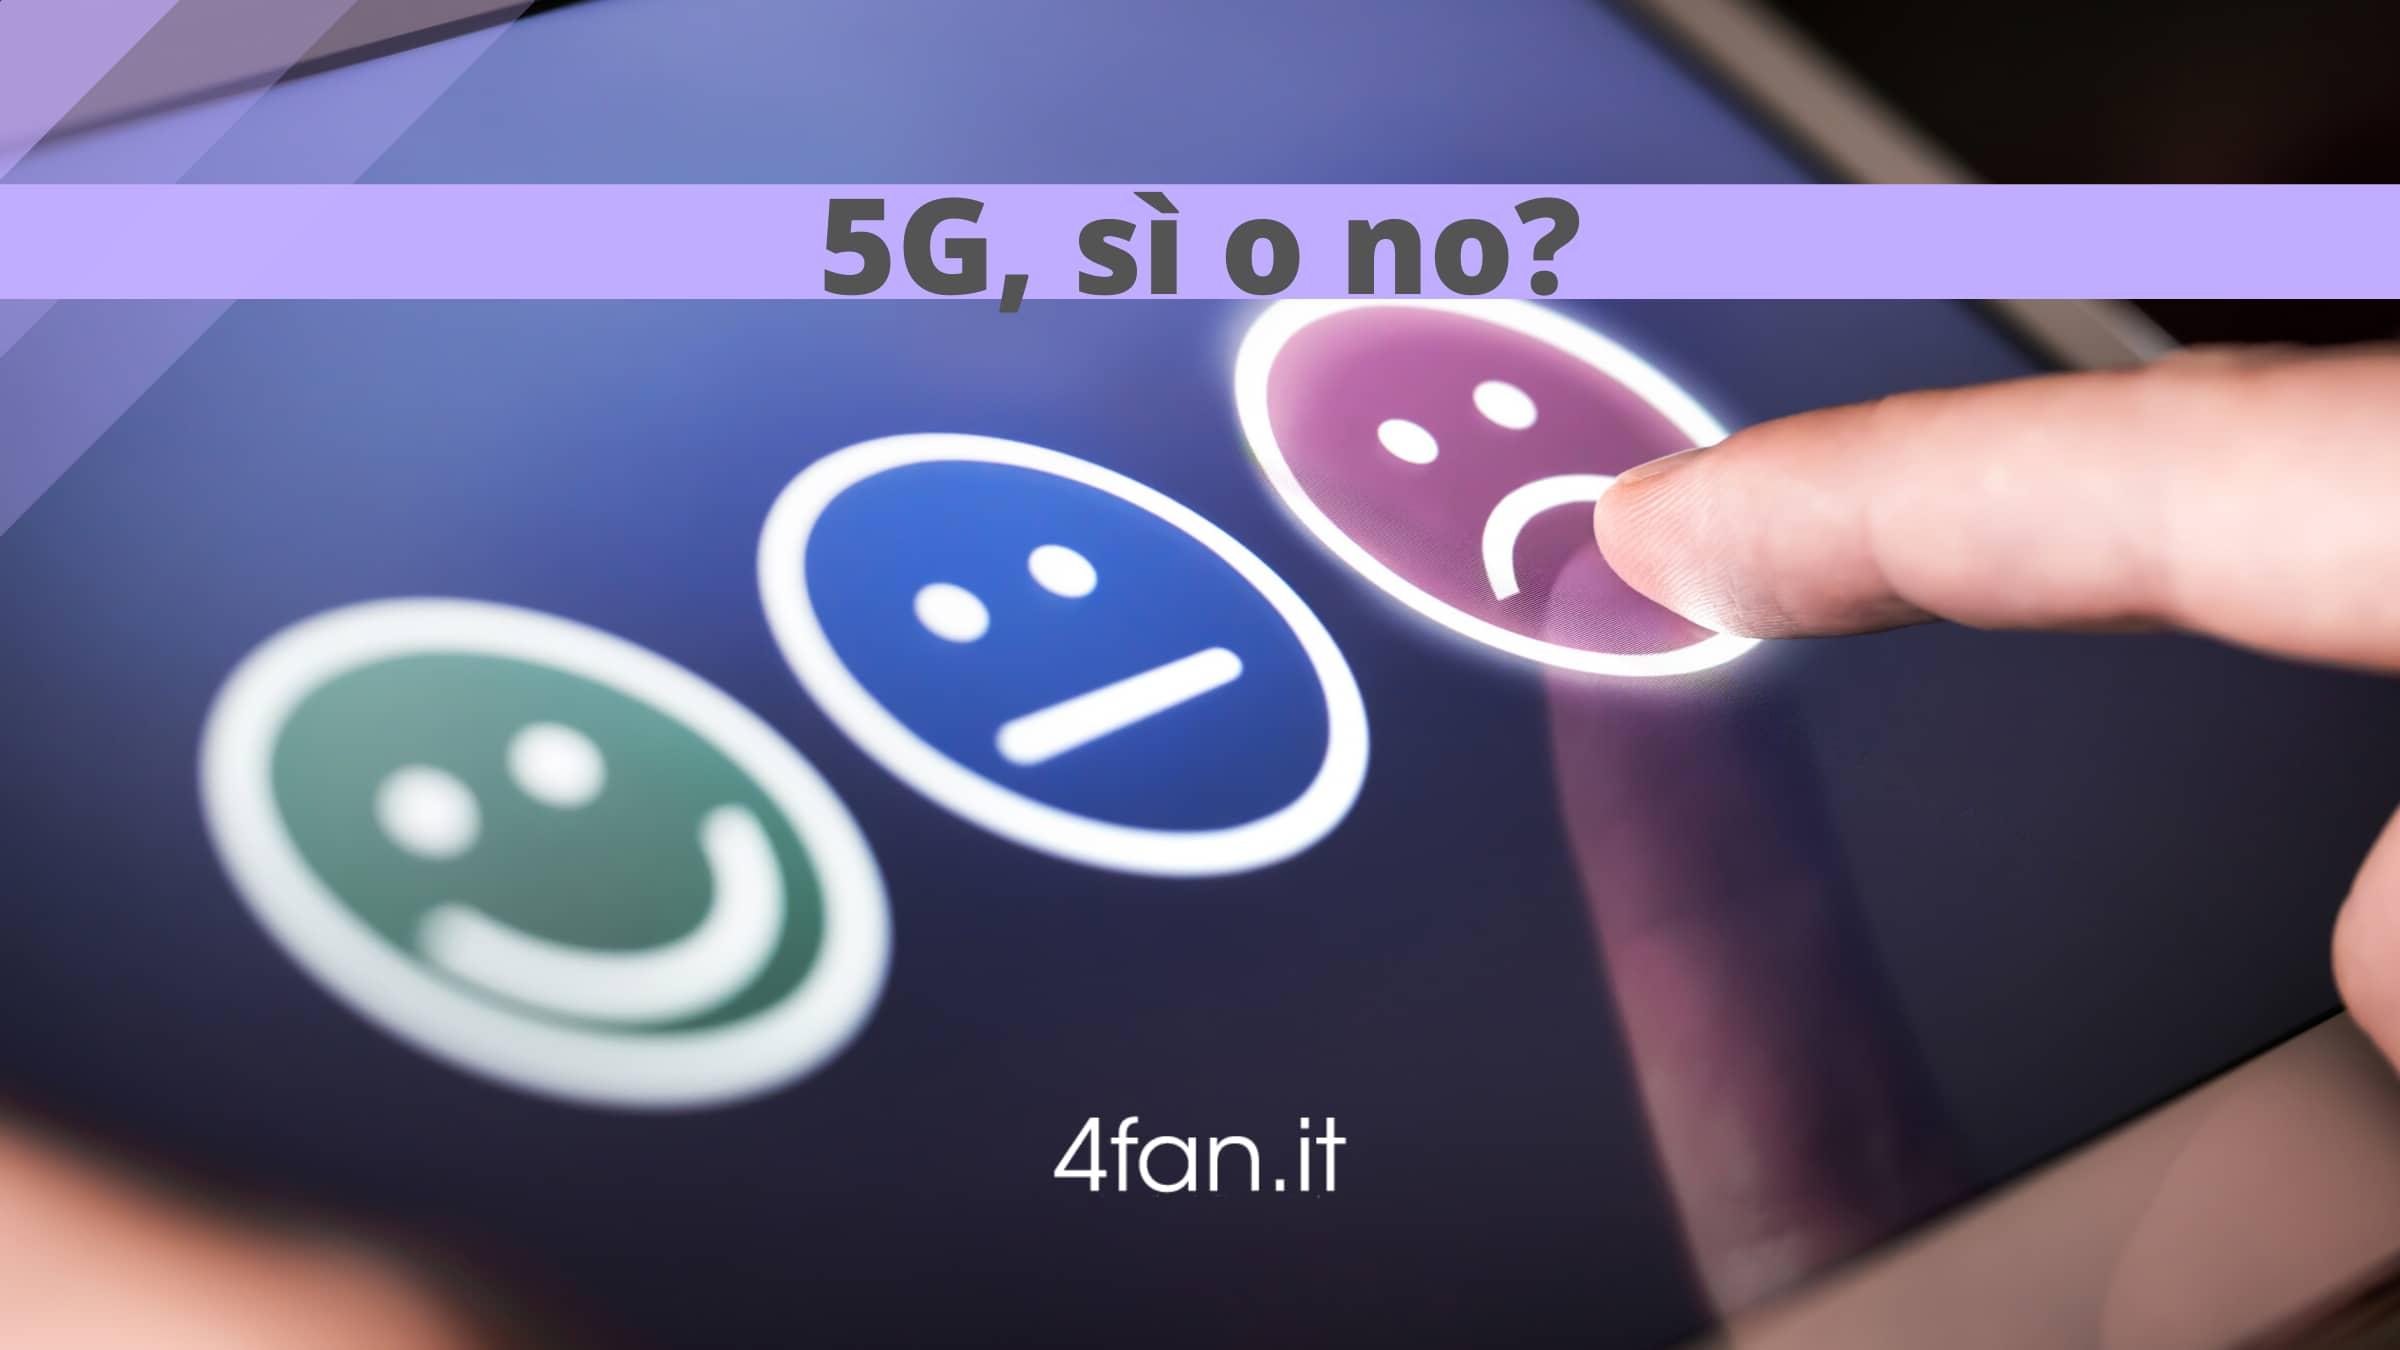 5G sì o no?